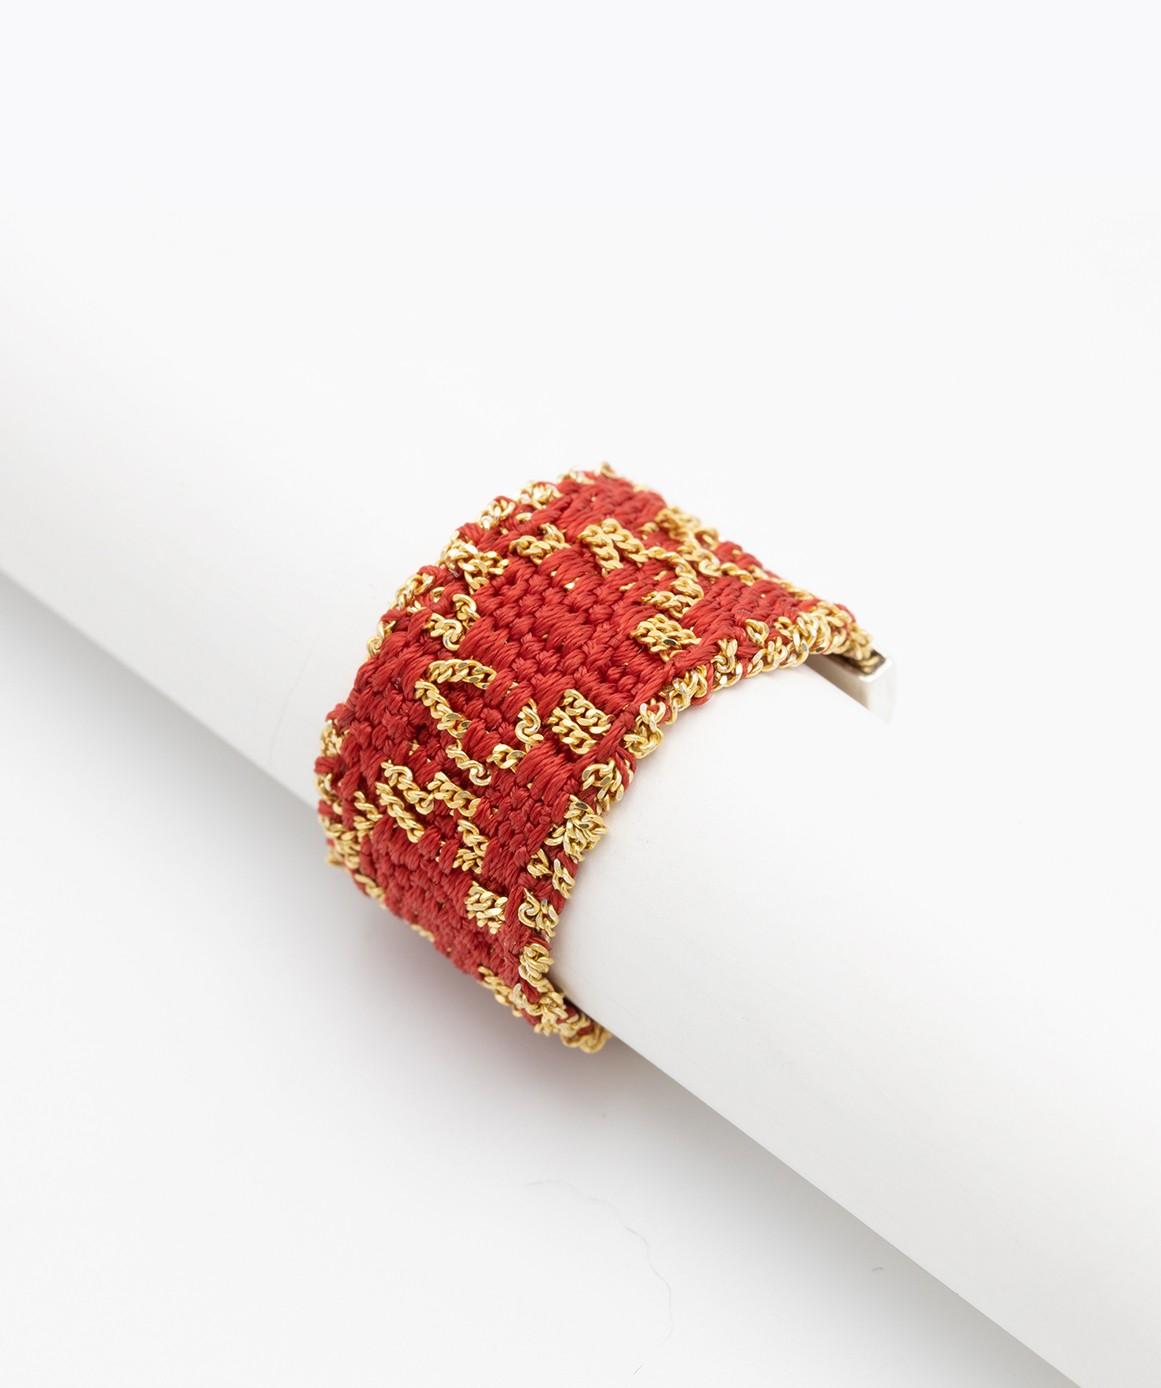 Anello ROMBO in Argento 925 bagno oro Giallo 18Kt. Tessuto: Seta Rossa